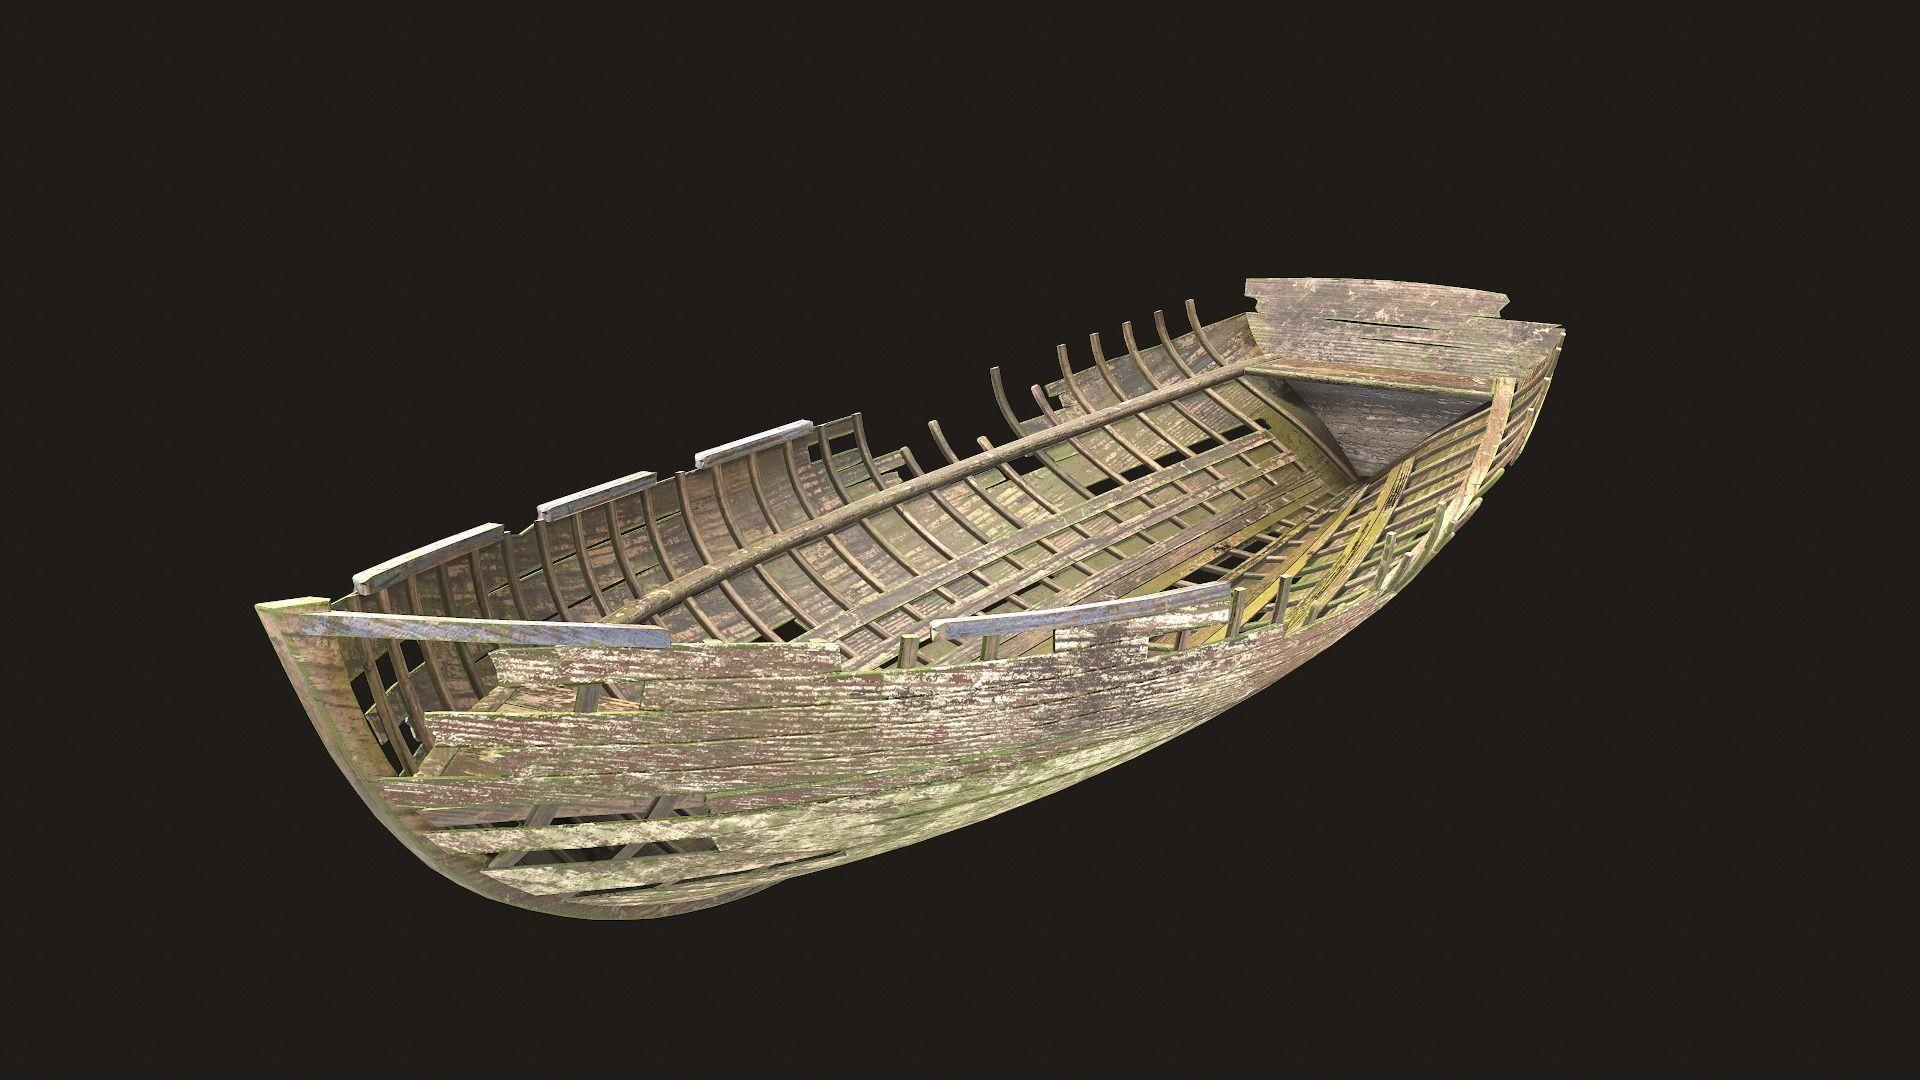 Destroyed wooden boat